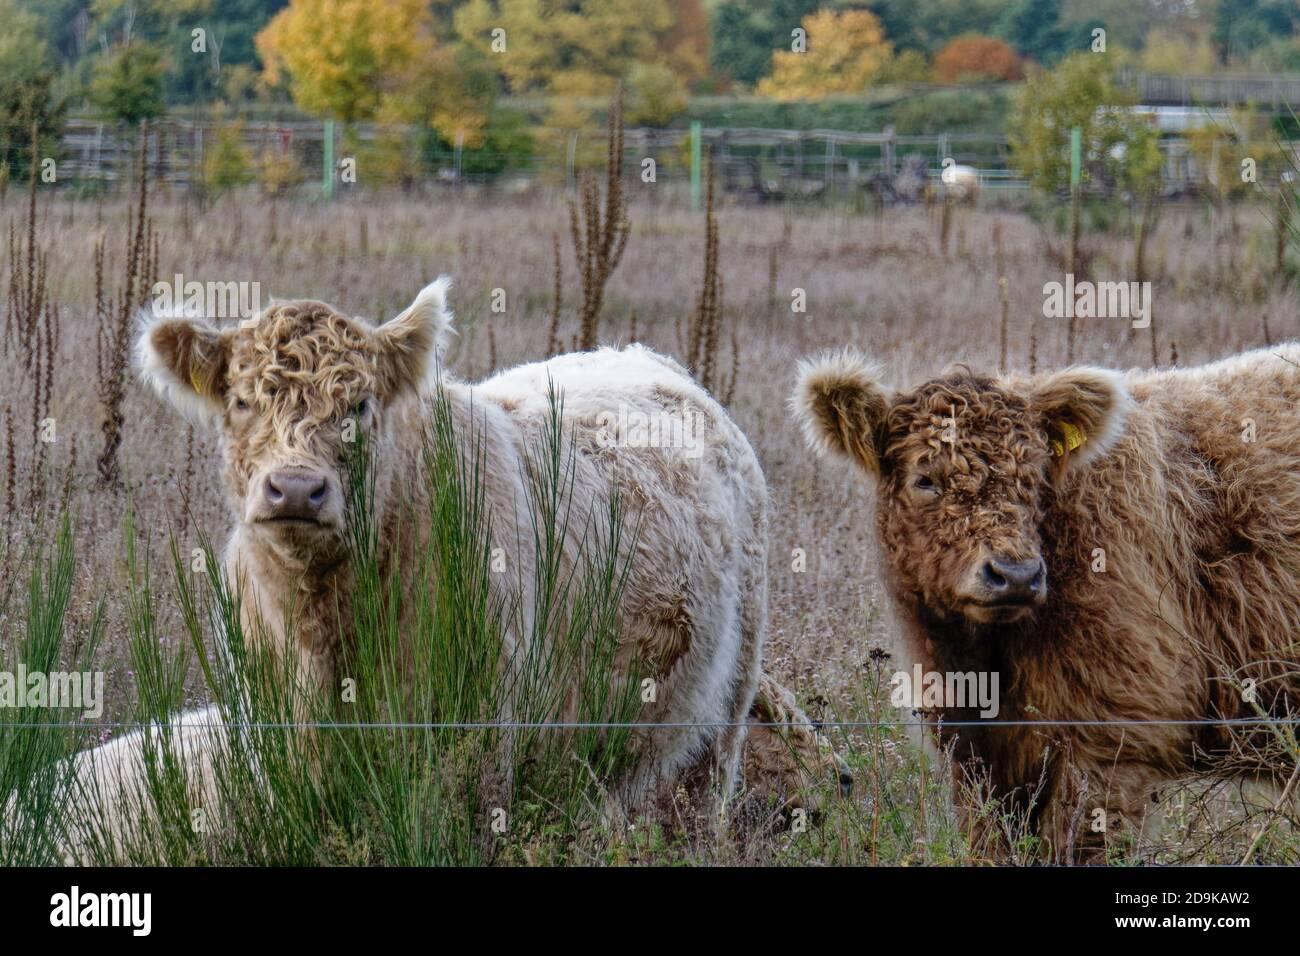 Döberitzer Heide-Galloways, Freilandhaltung, Rinderzucht, Elstal, Wustermark, Heinz Sielmann Stiftung, Stock Photo